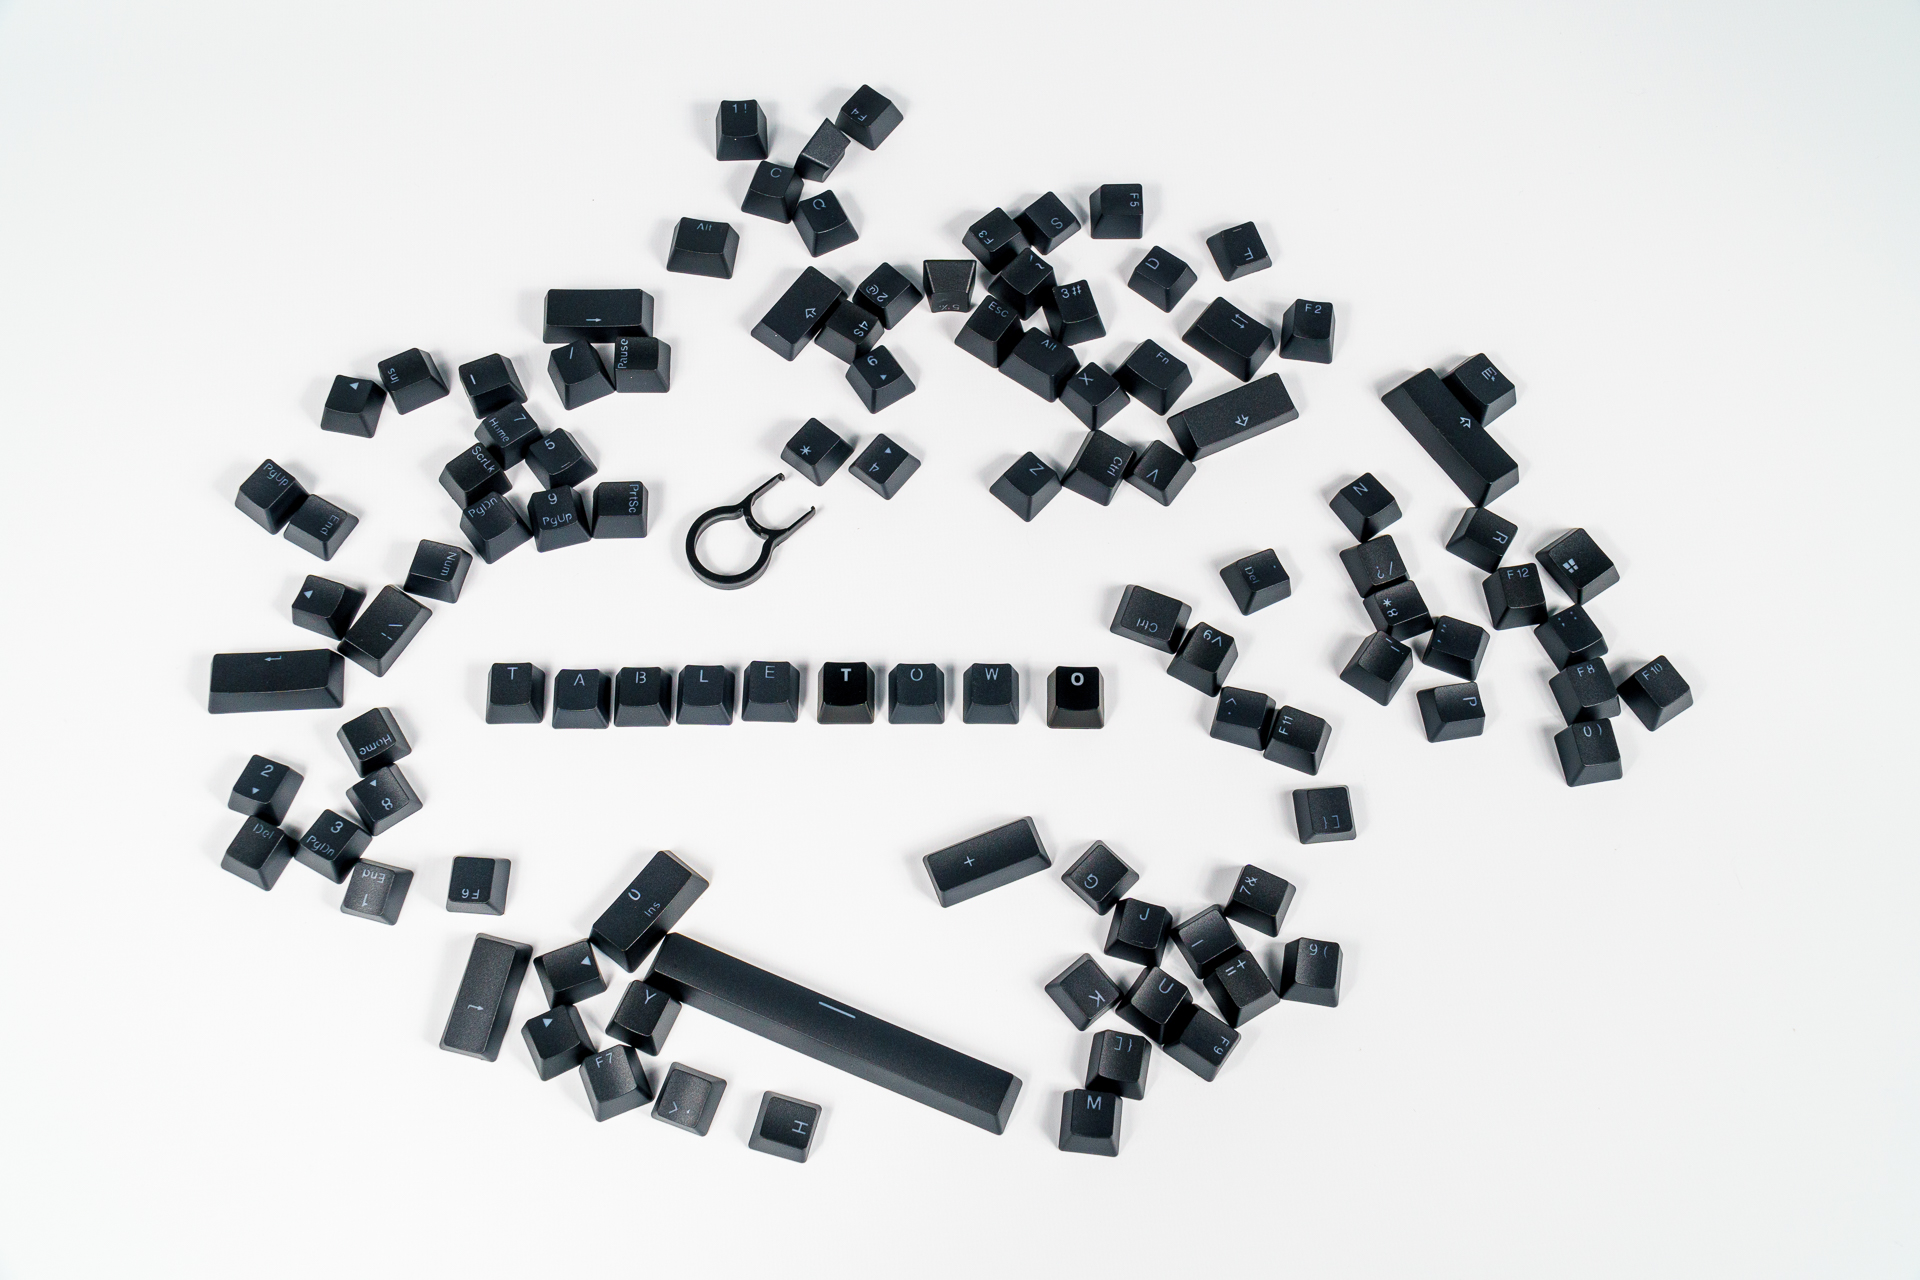 Akcesoria SPC Gear do modyfikacji klawiatur - czy warto?